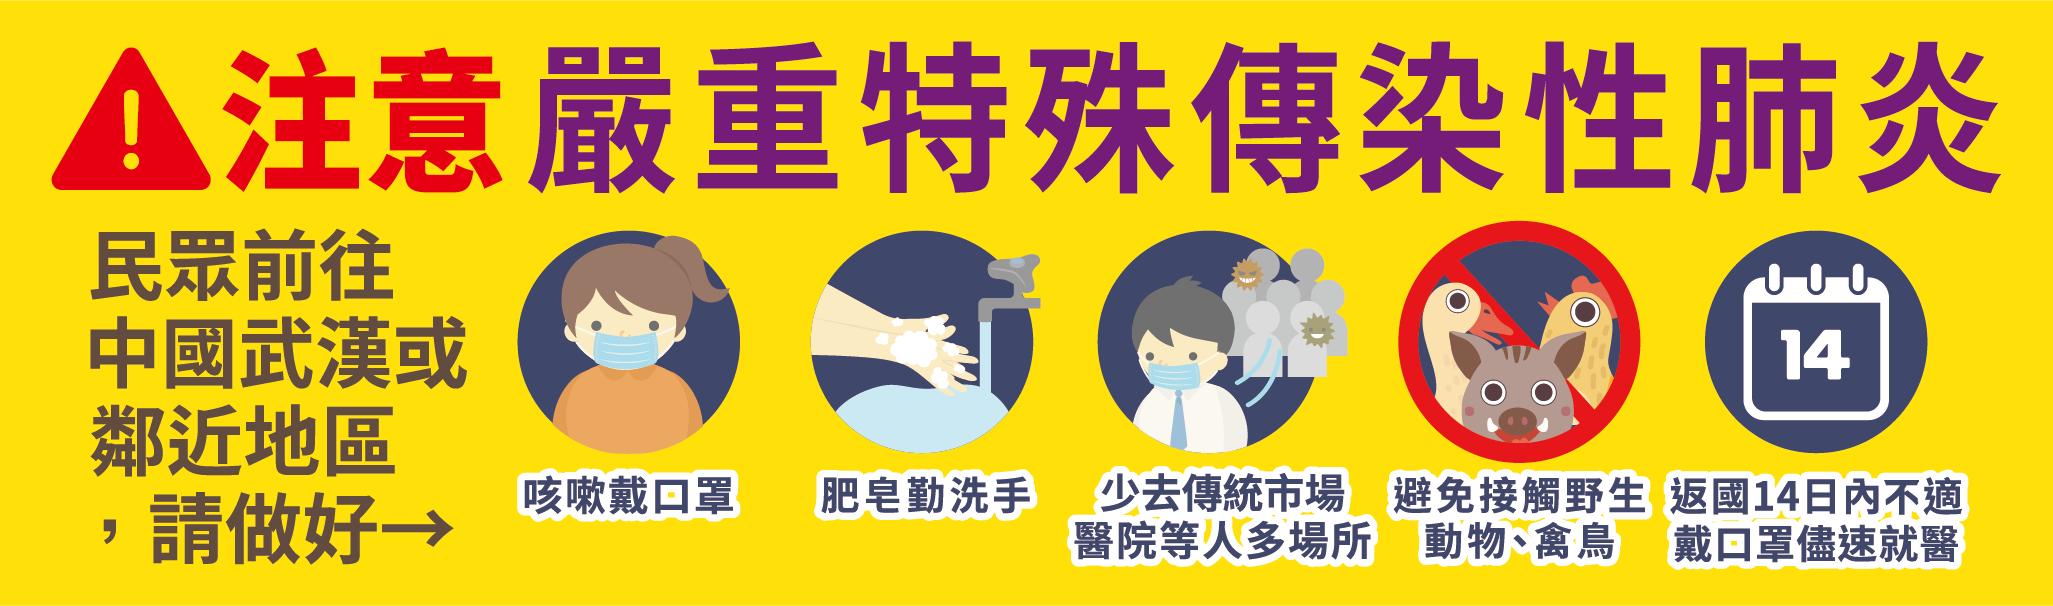 注意嚴重特殊傳染性肺炎(另開新視窗)